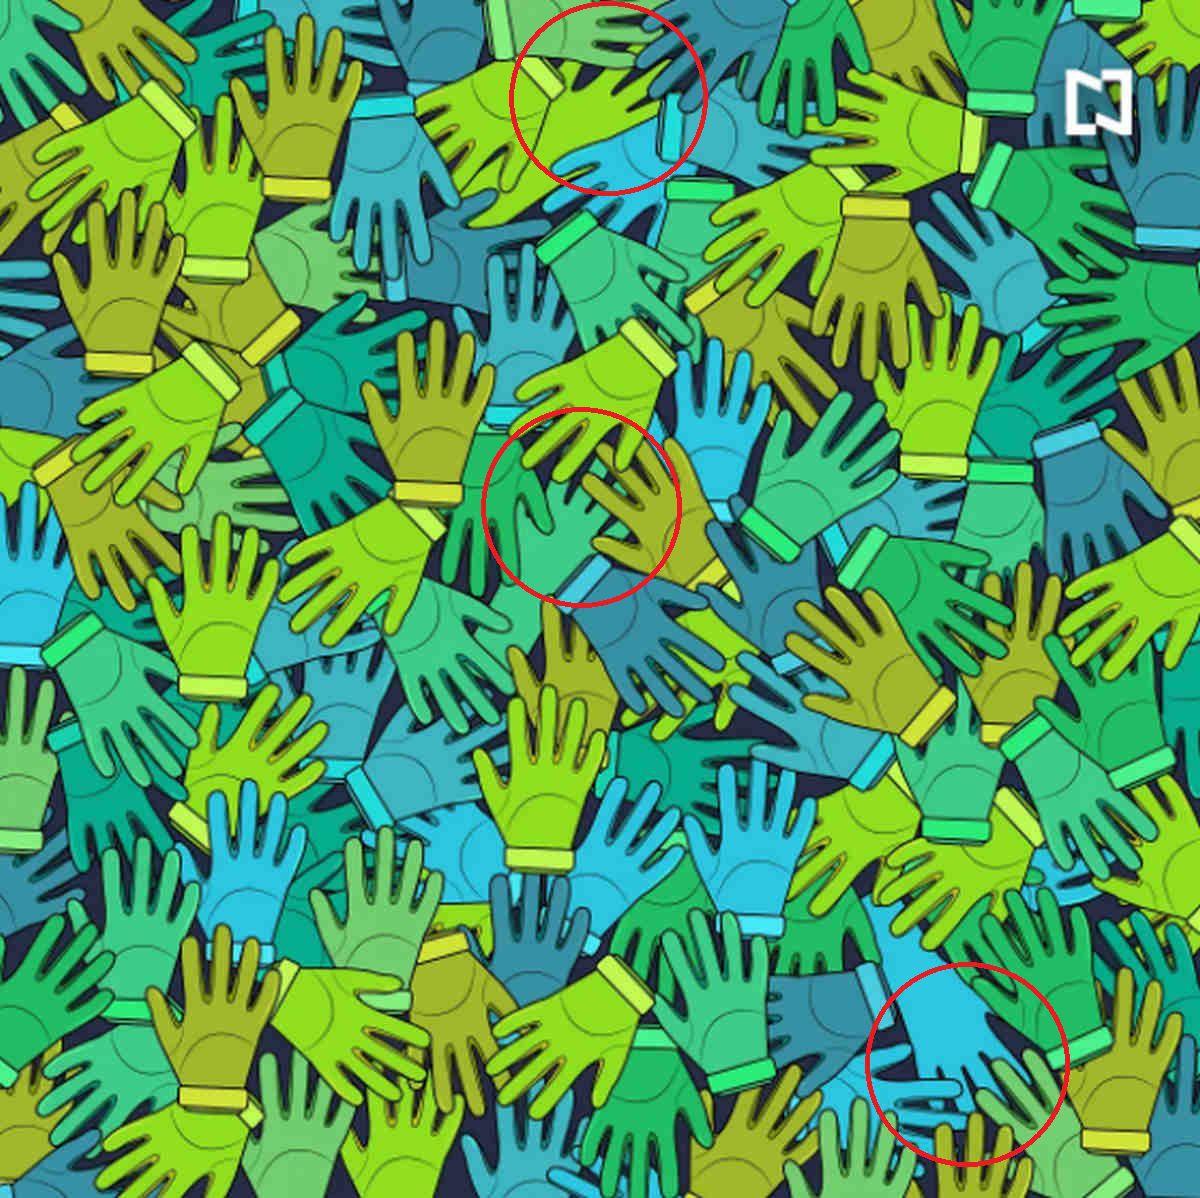 Solución: aquí están los tres guantes de lavar de la imagen viral. (Televisa)